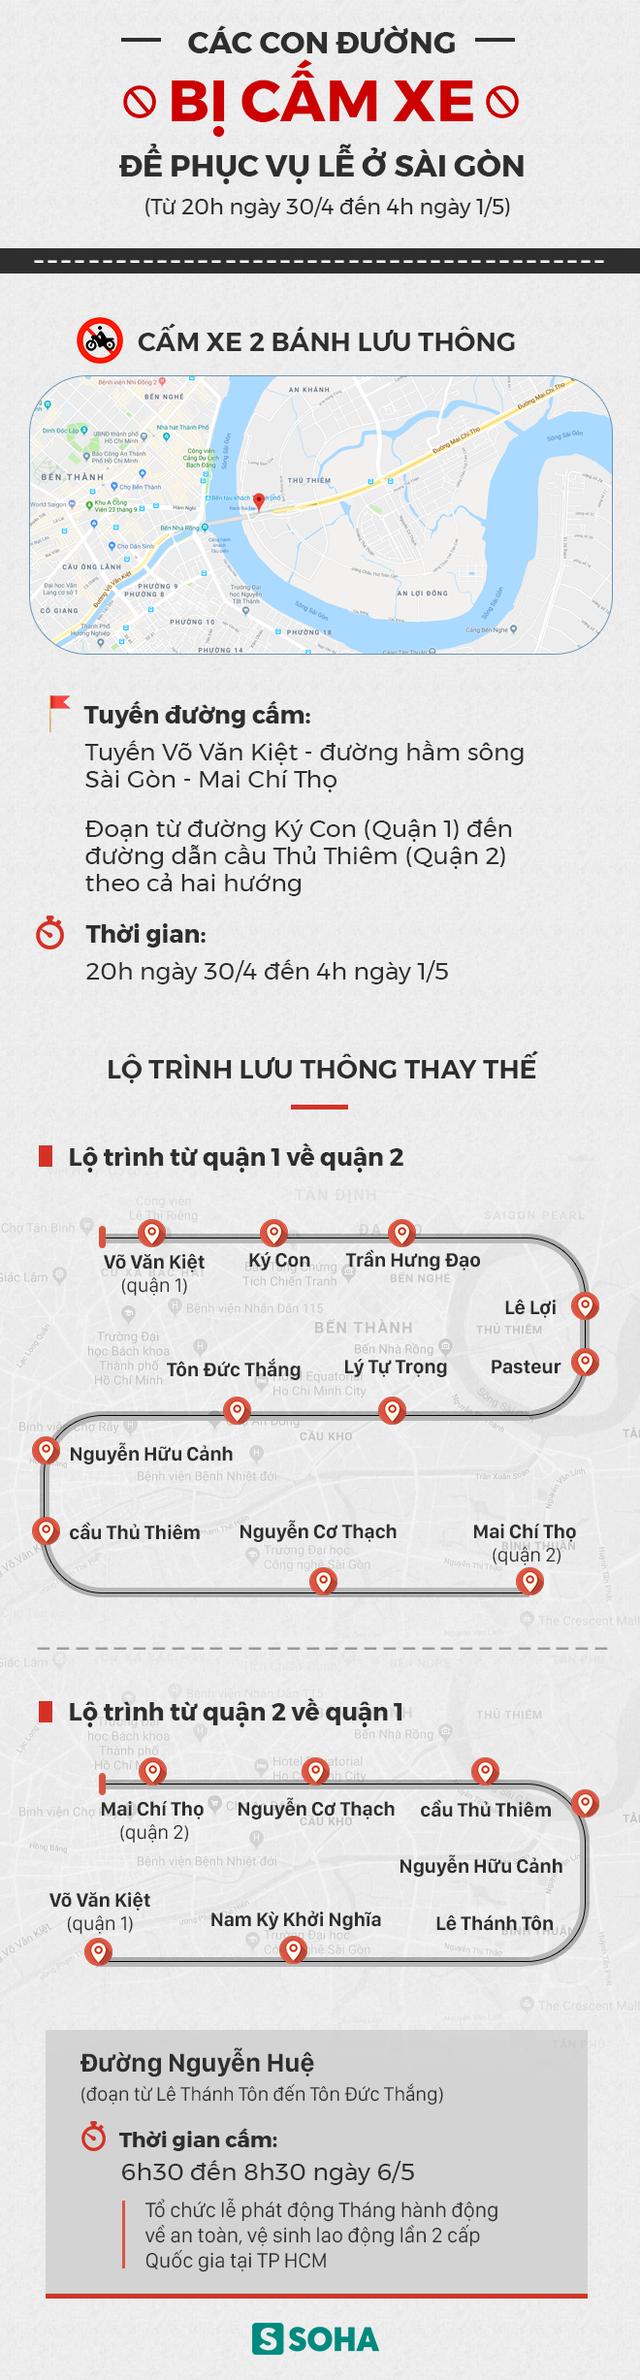 Những tuyến đường cấm xe trong đêm bắn pháo hoa mừng lễ 30/4 ở TP HCM - Ảnh 1.